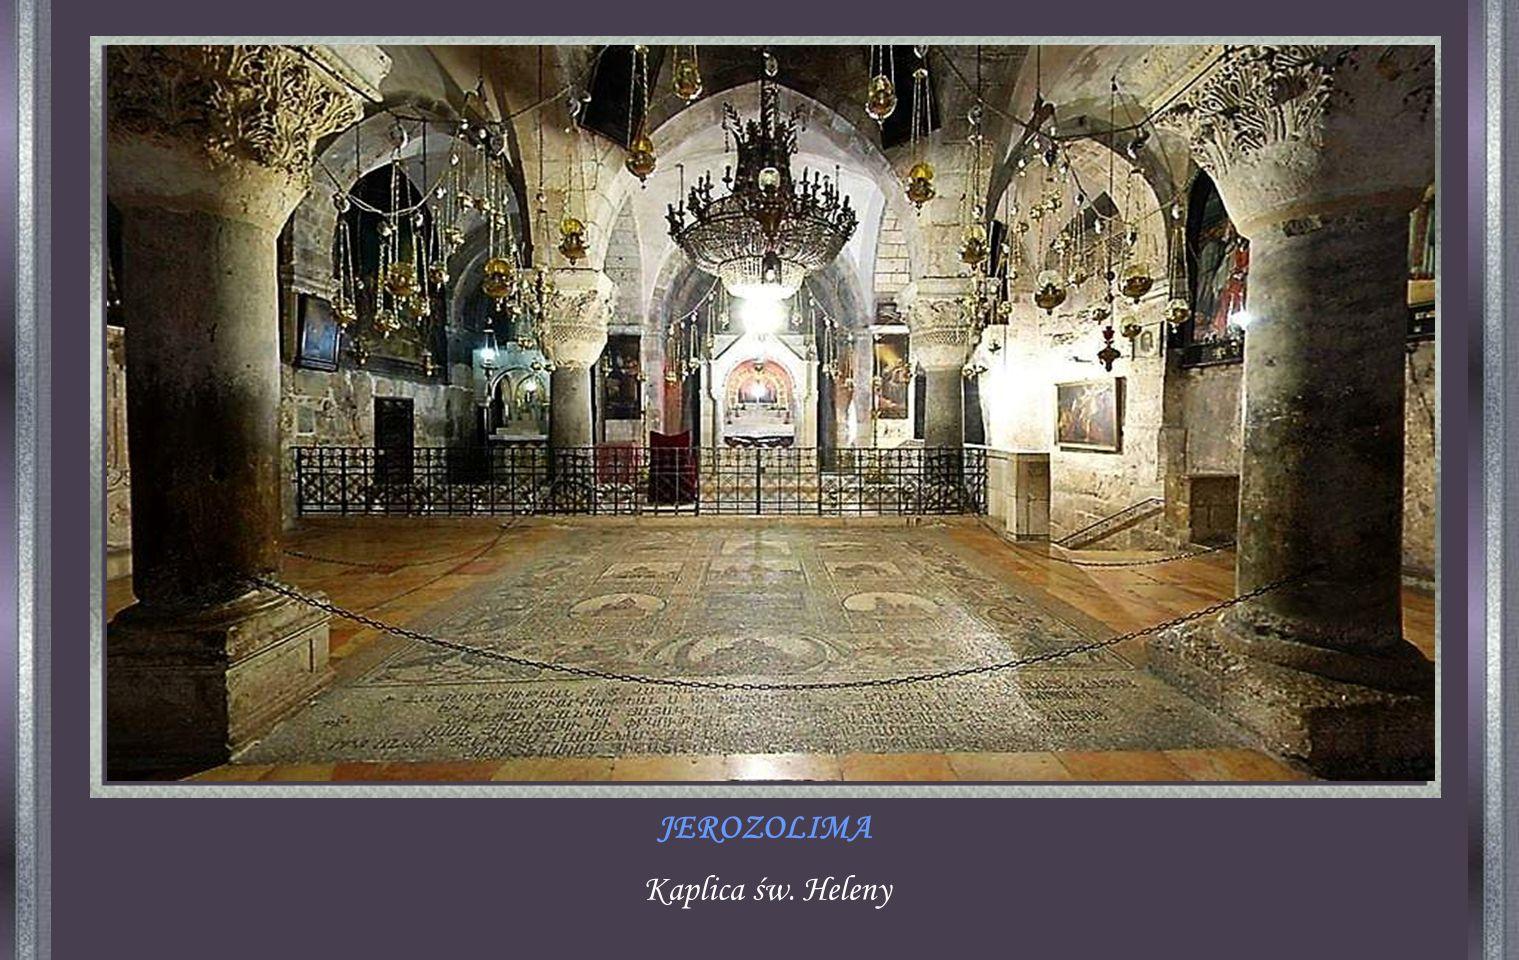 JEROZOLIMA Bazylika Grobu Świętego, to niewątpliwie najważniejsza świątynia szeroko rozumianego chrześcijaństwa.